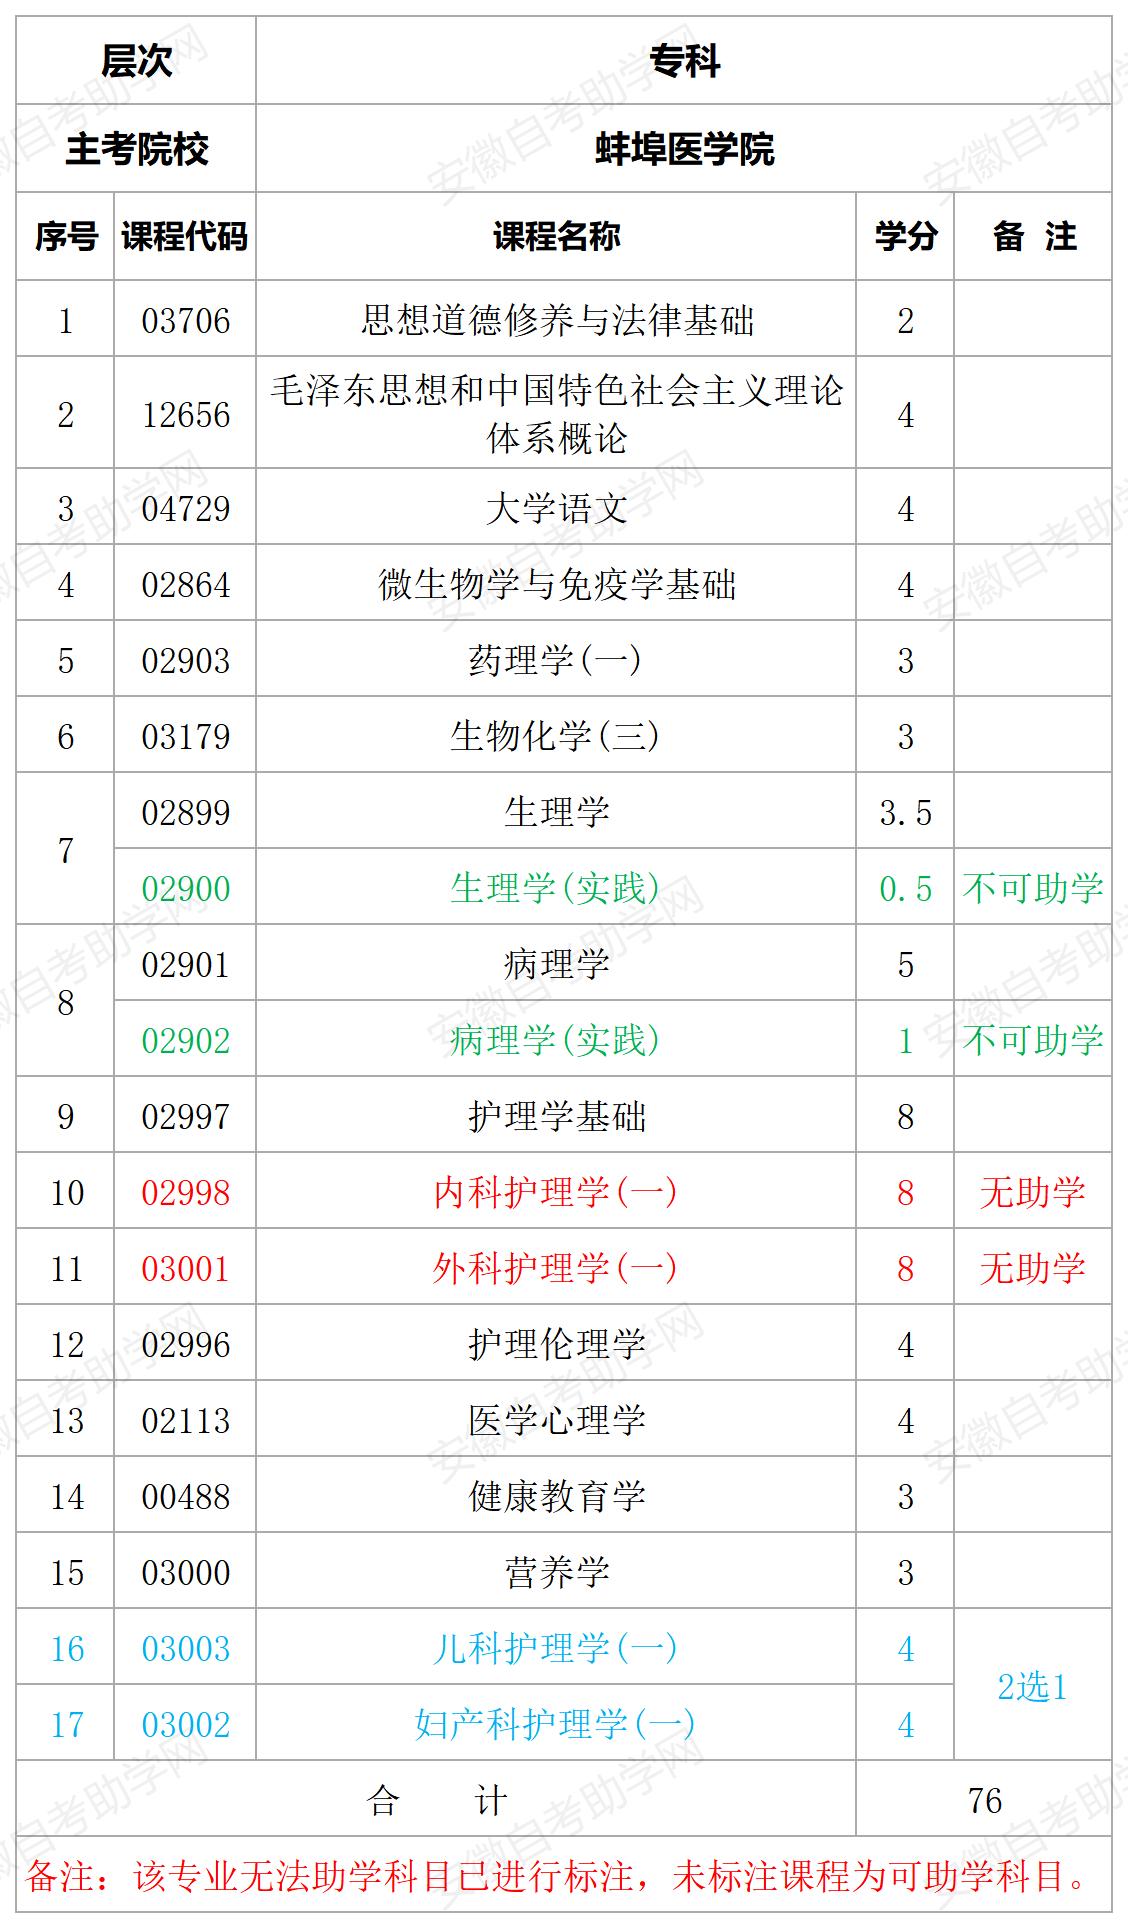 蚌埠医学院护理专科专业计划表